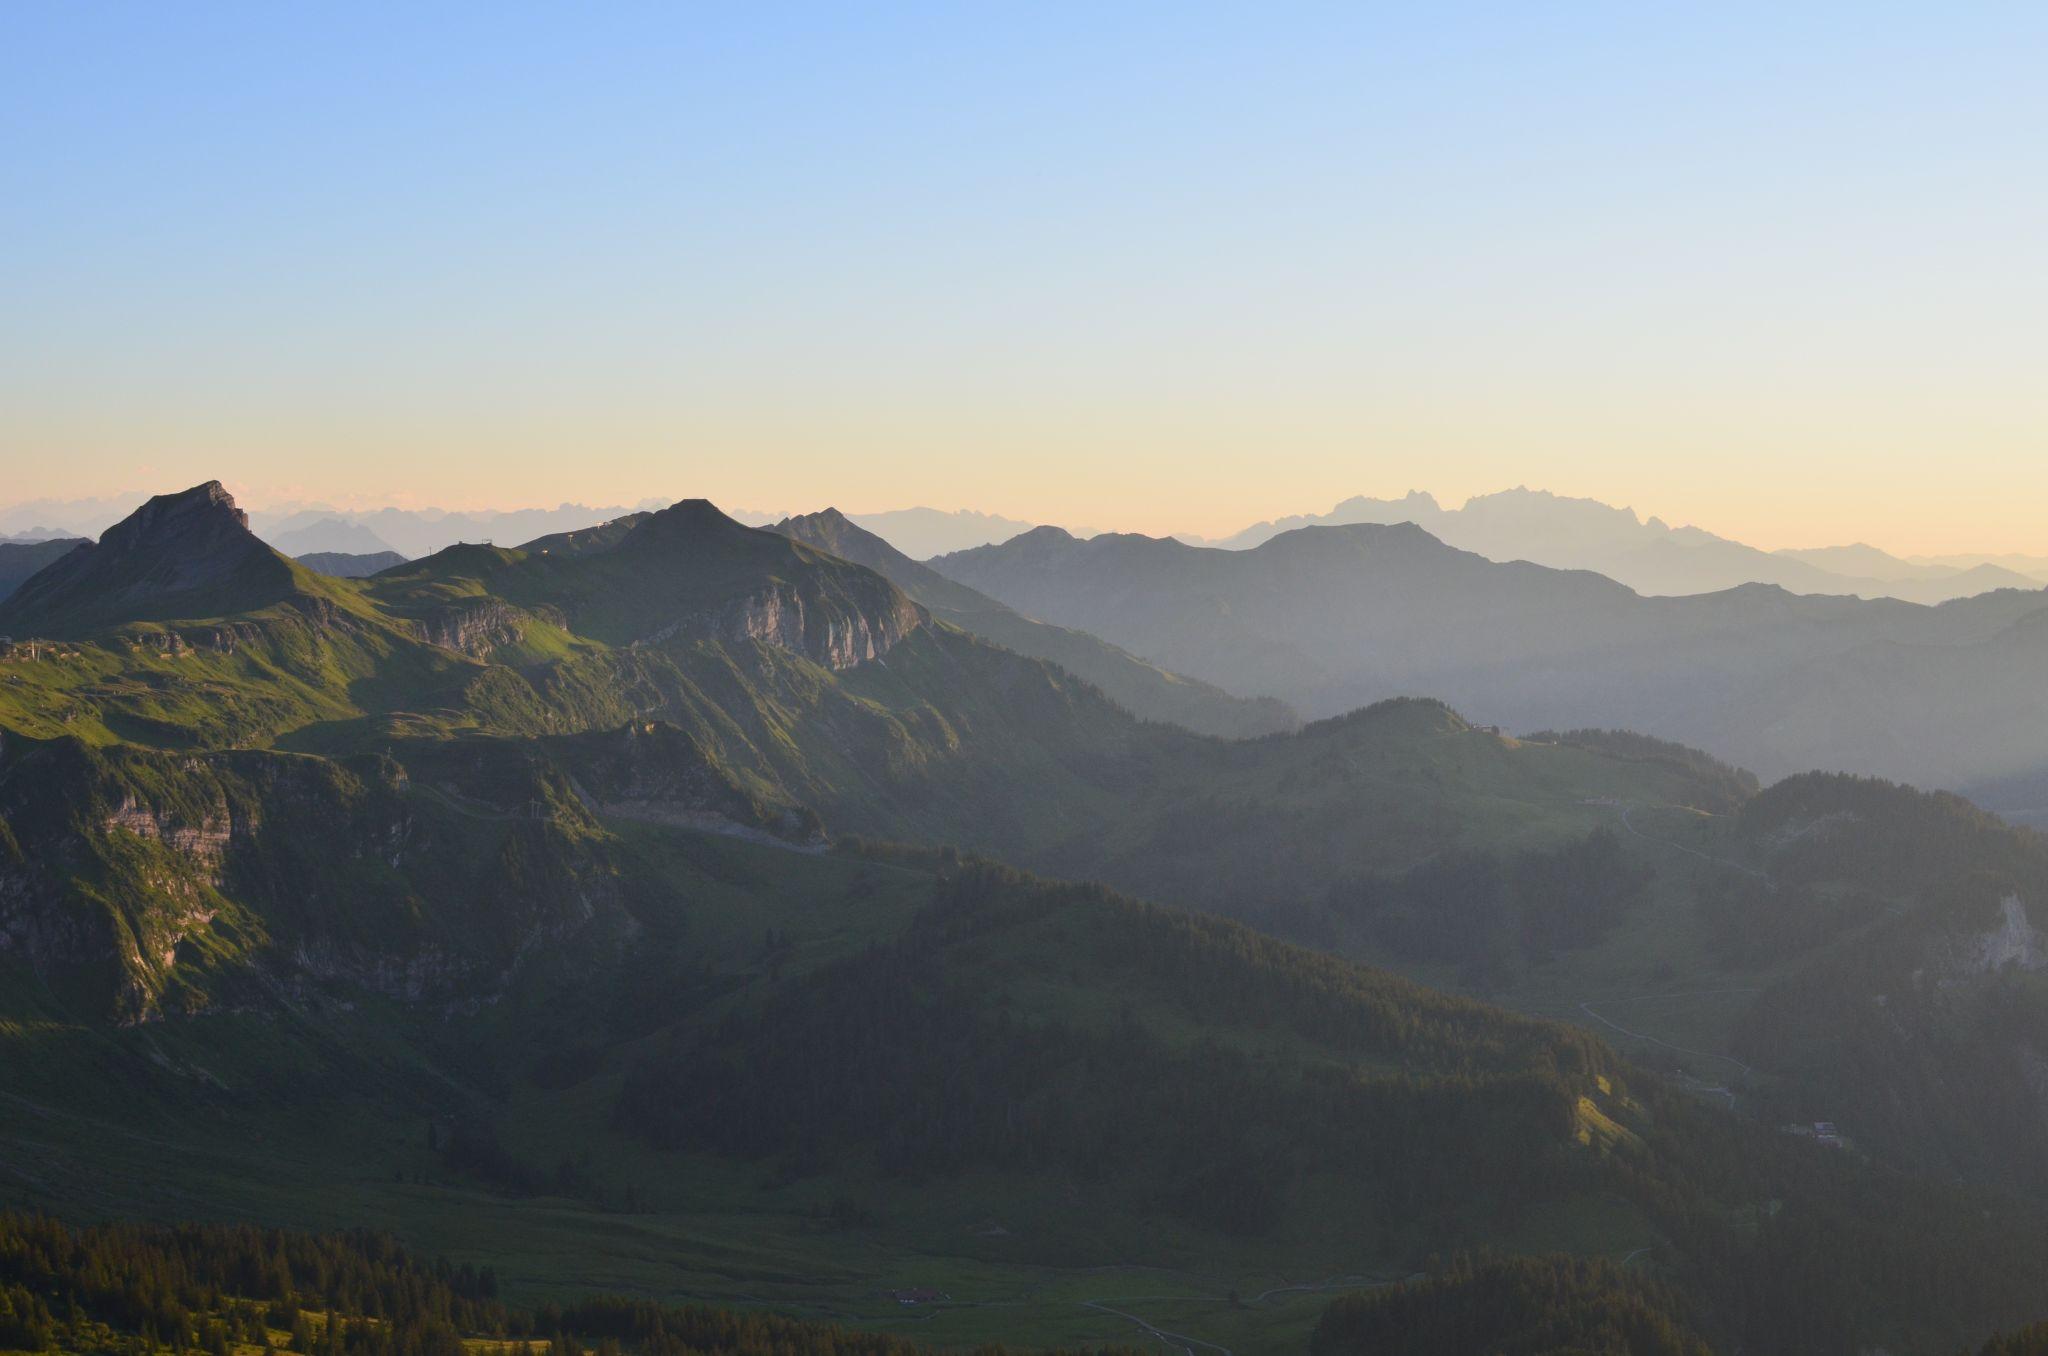 Kanisfluh_Sonnenuntergang_7__Bregenzerwald_(c)bea_froehlich